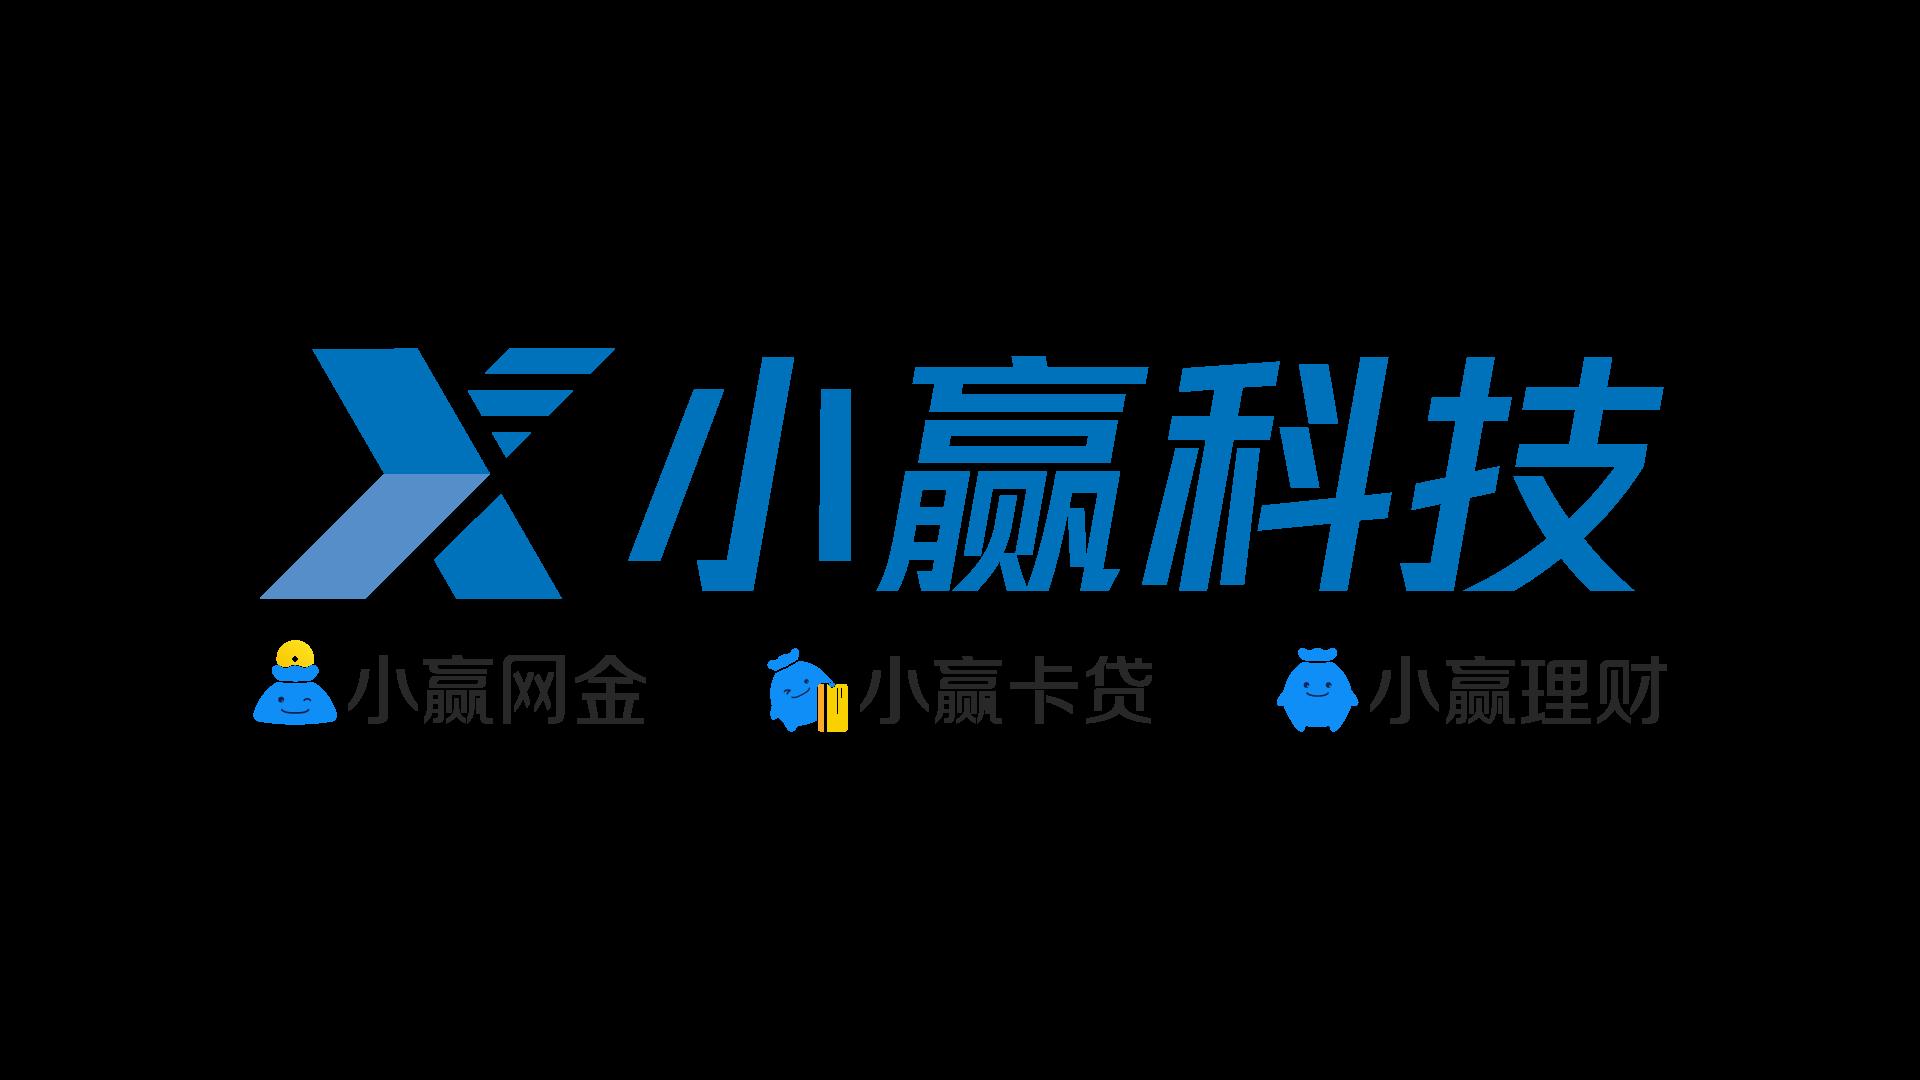 XYF logo